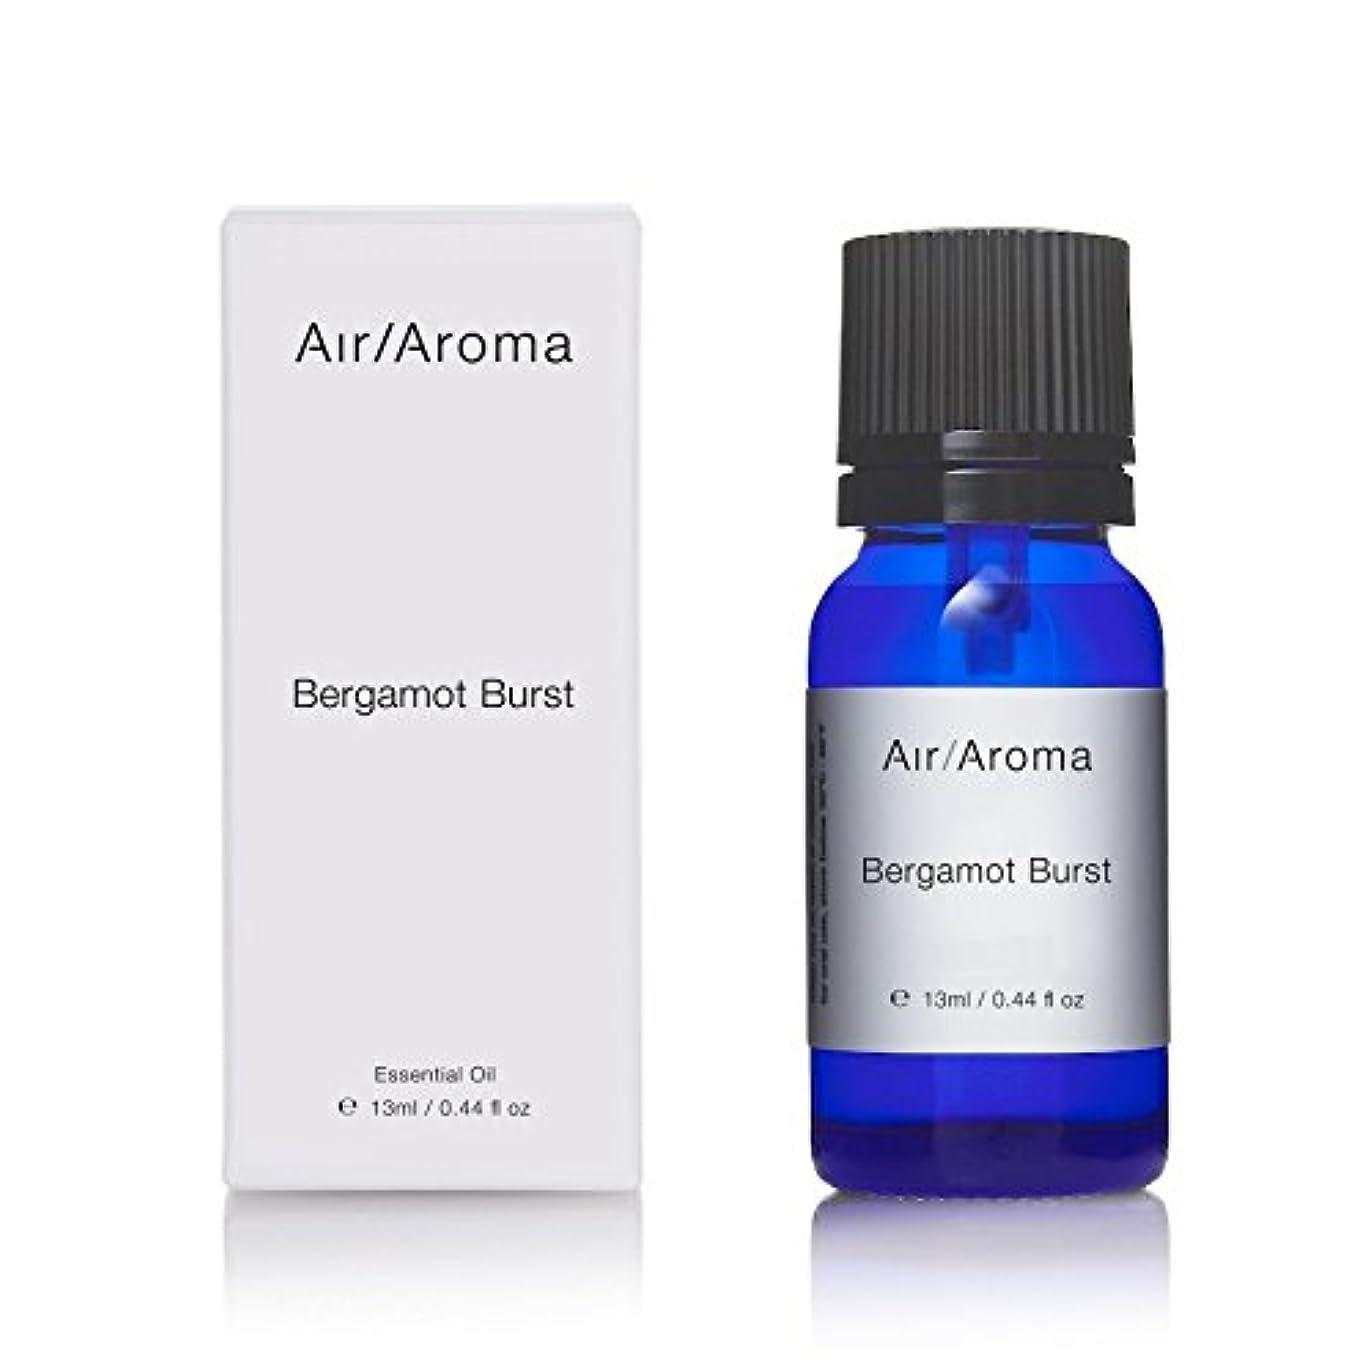 ウッズアプライアンスヒゲクジラエアアロマ bergamot burst (ベルガモットバースト) 13ml